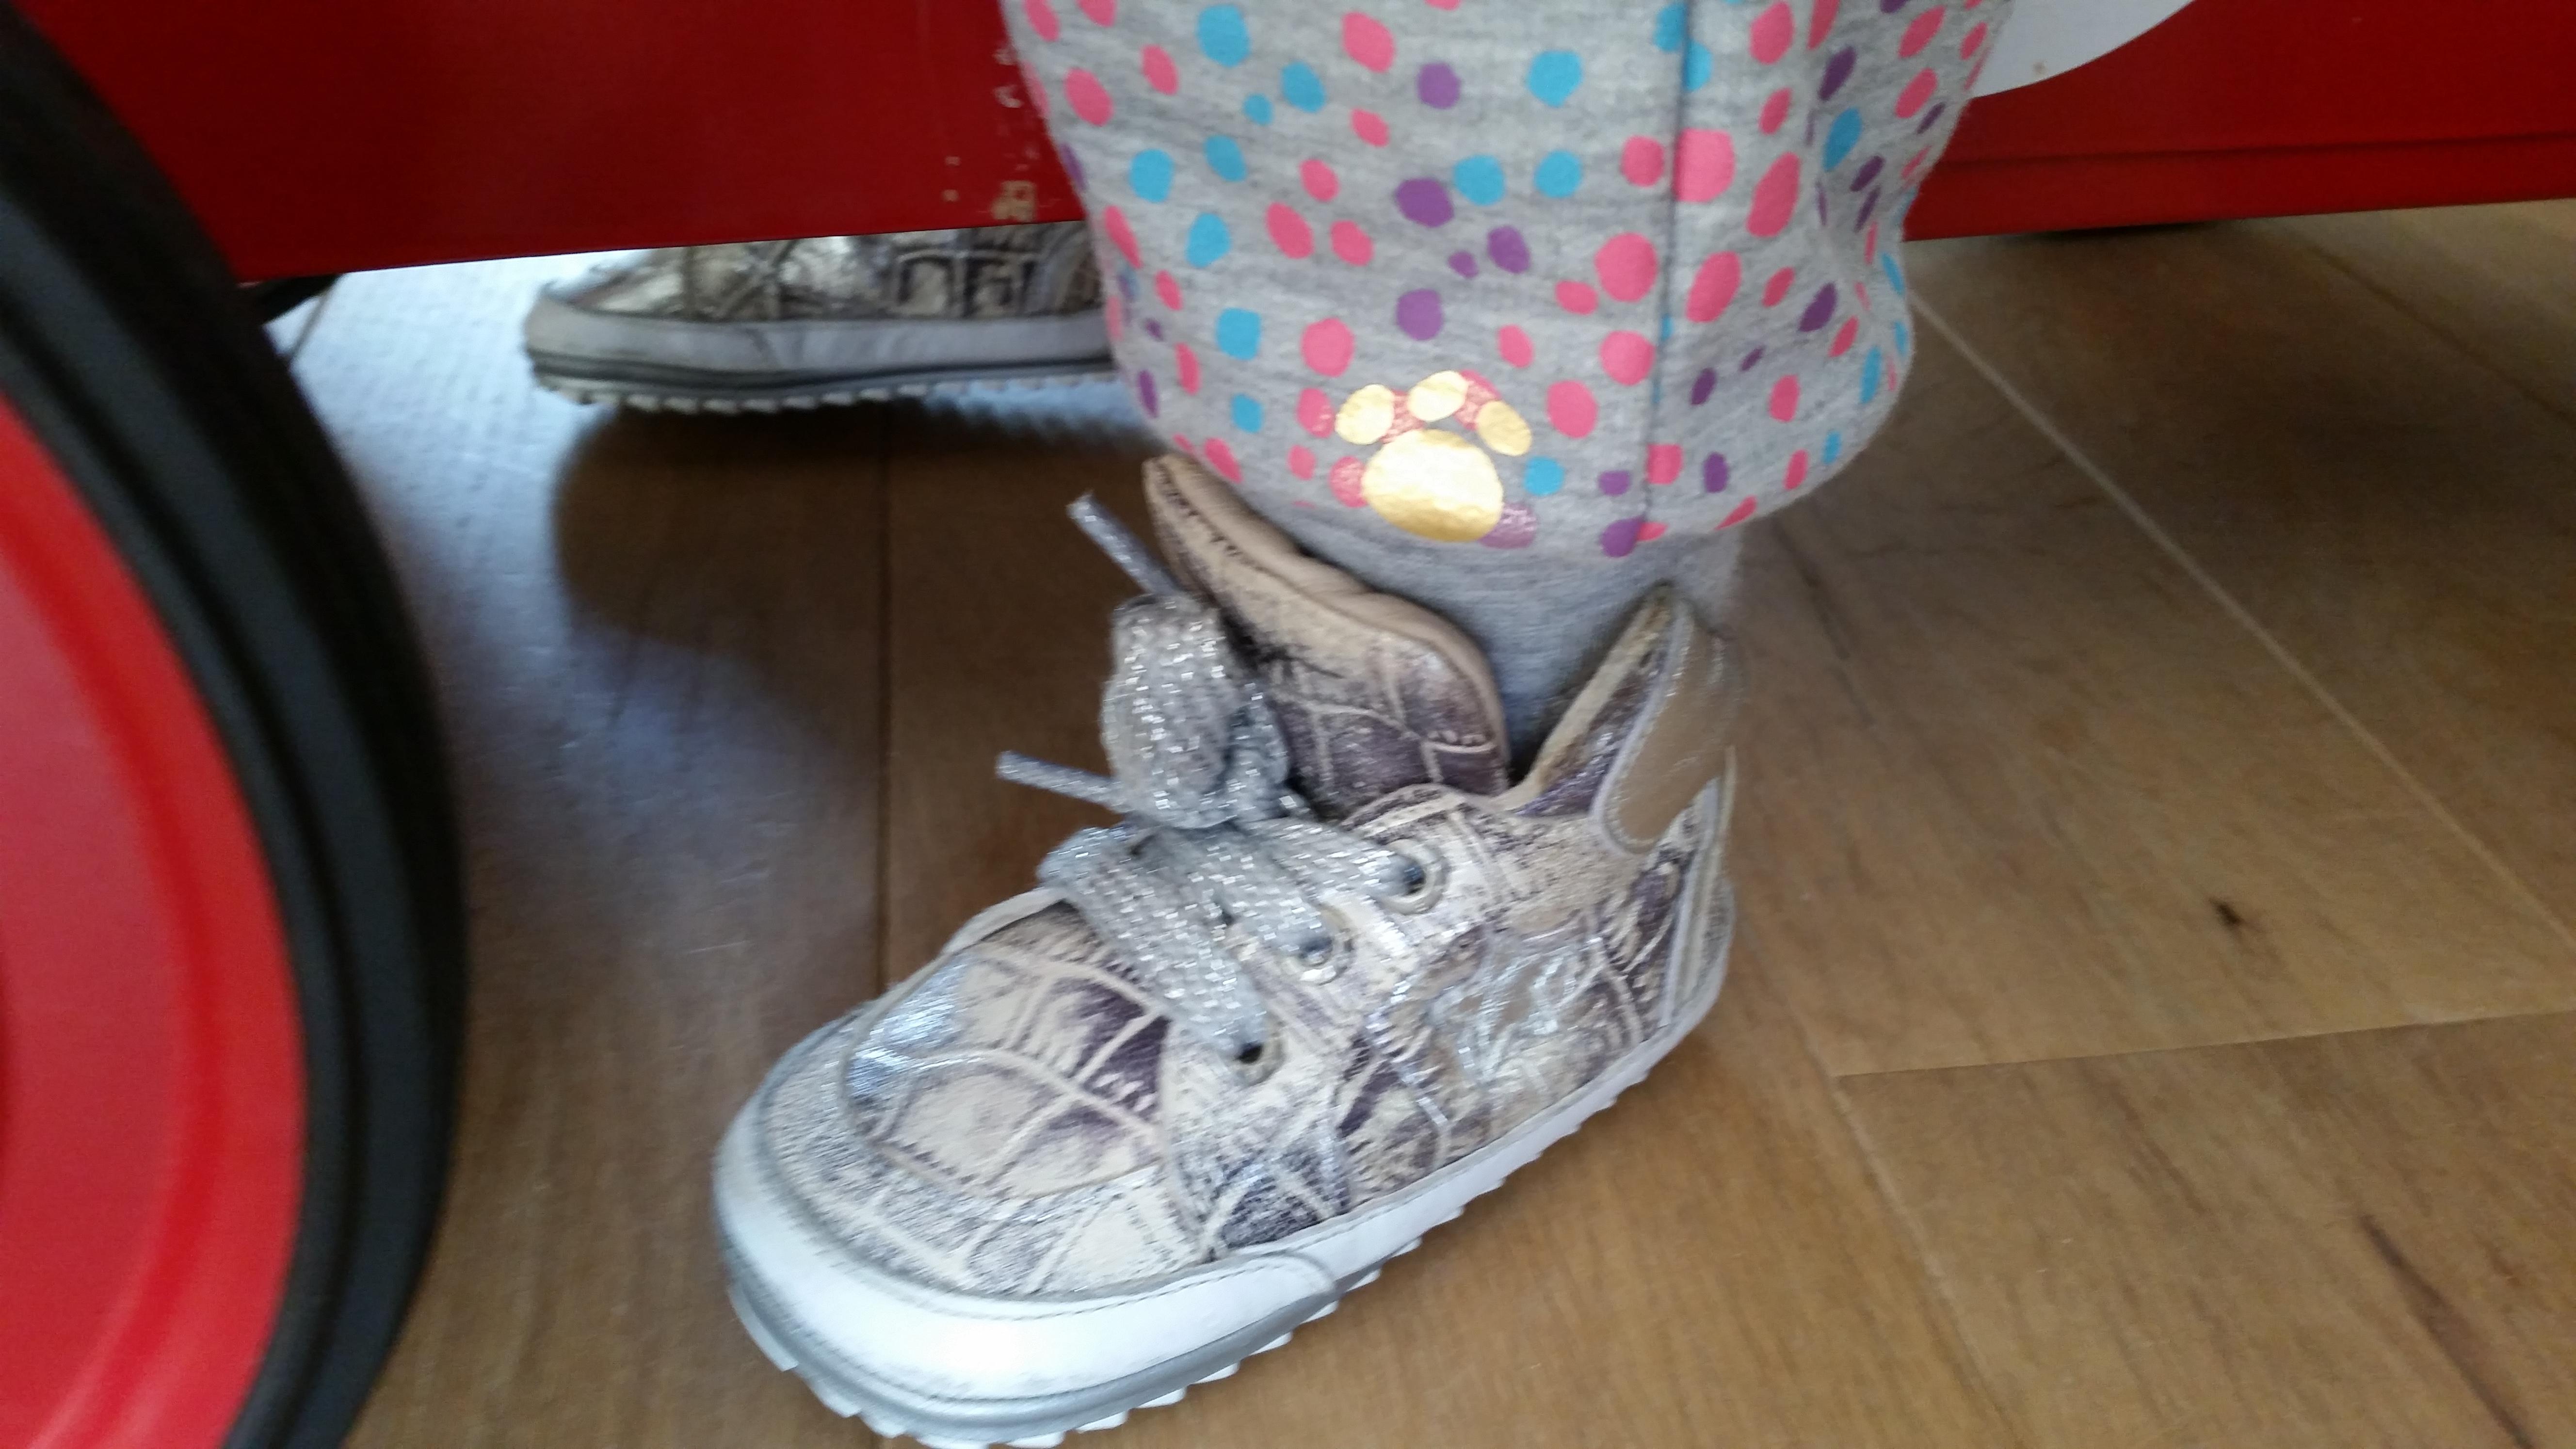 3-16-leuke-zeeman-kleding-kleren-vest-broek-joggingpak-grijs-gekleurde-stippen-vrolijk-baby-peuter-dreumes-nanny-moeder-nanny-annelon-blog-vlog-goud